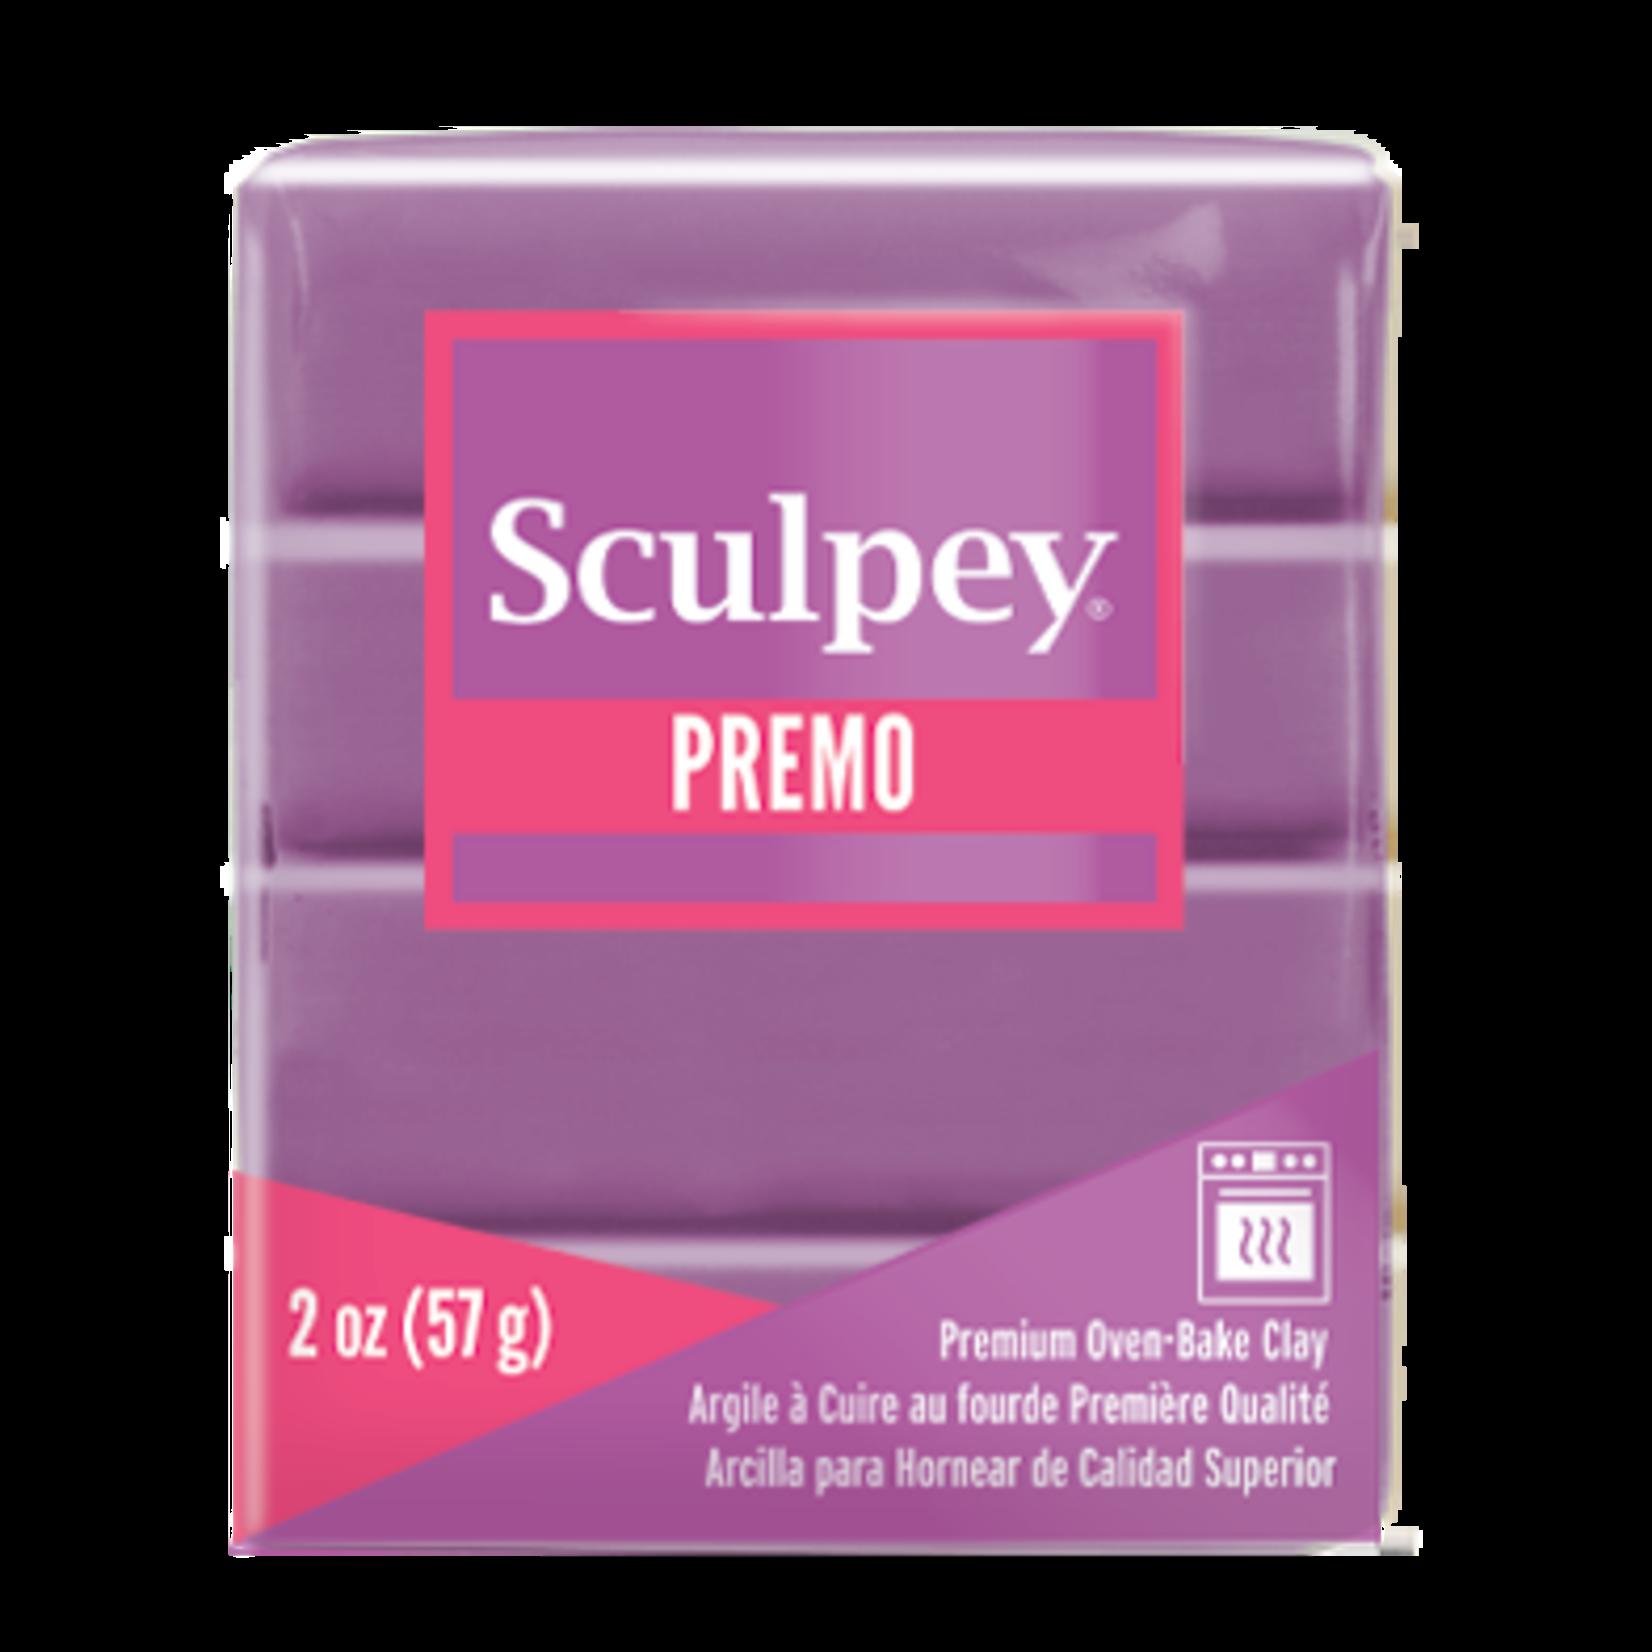 Sculpey Sculpey Premo  -- Wisteria